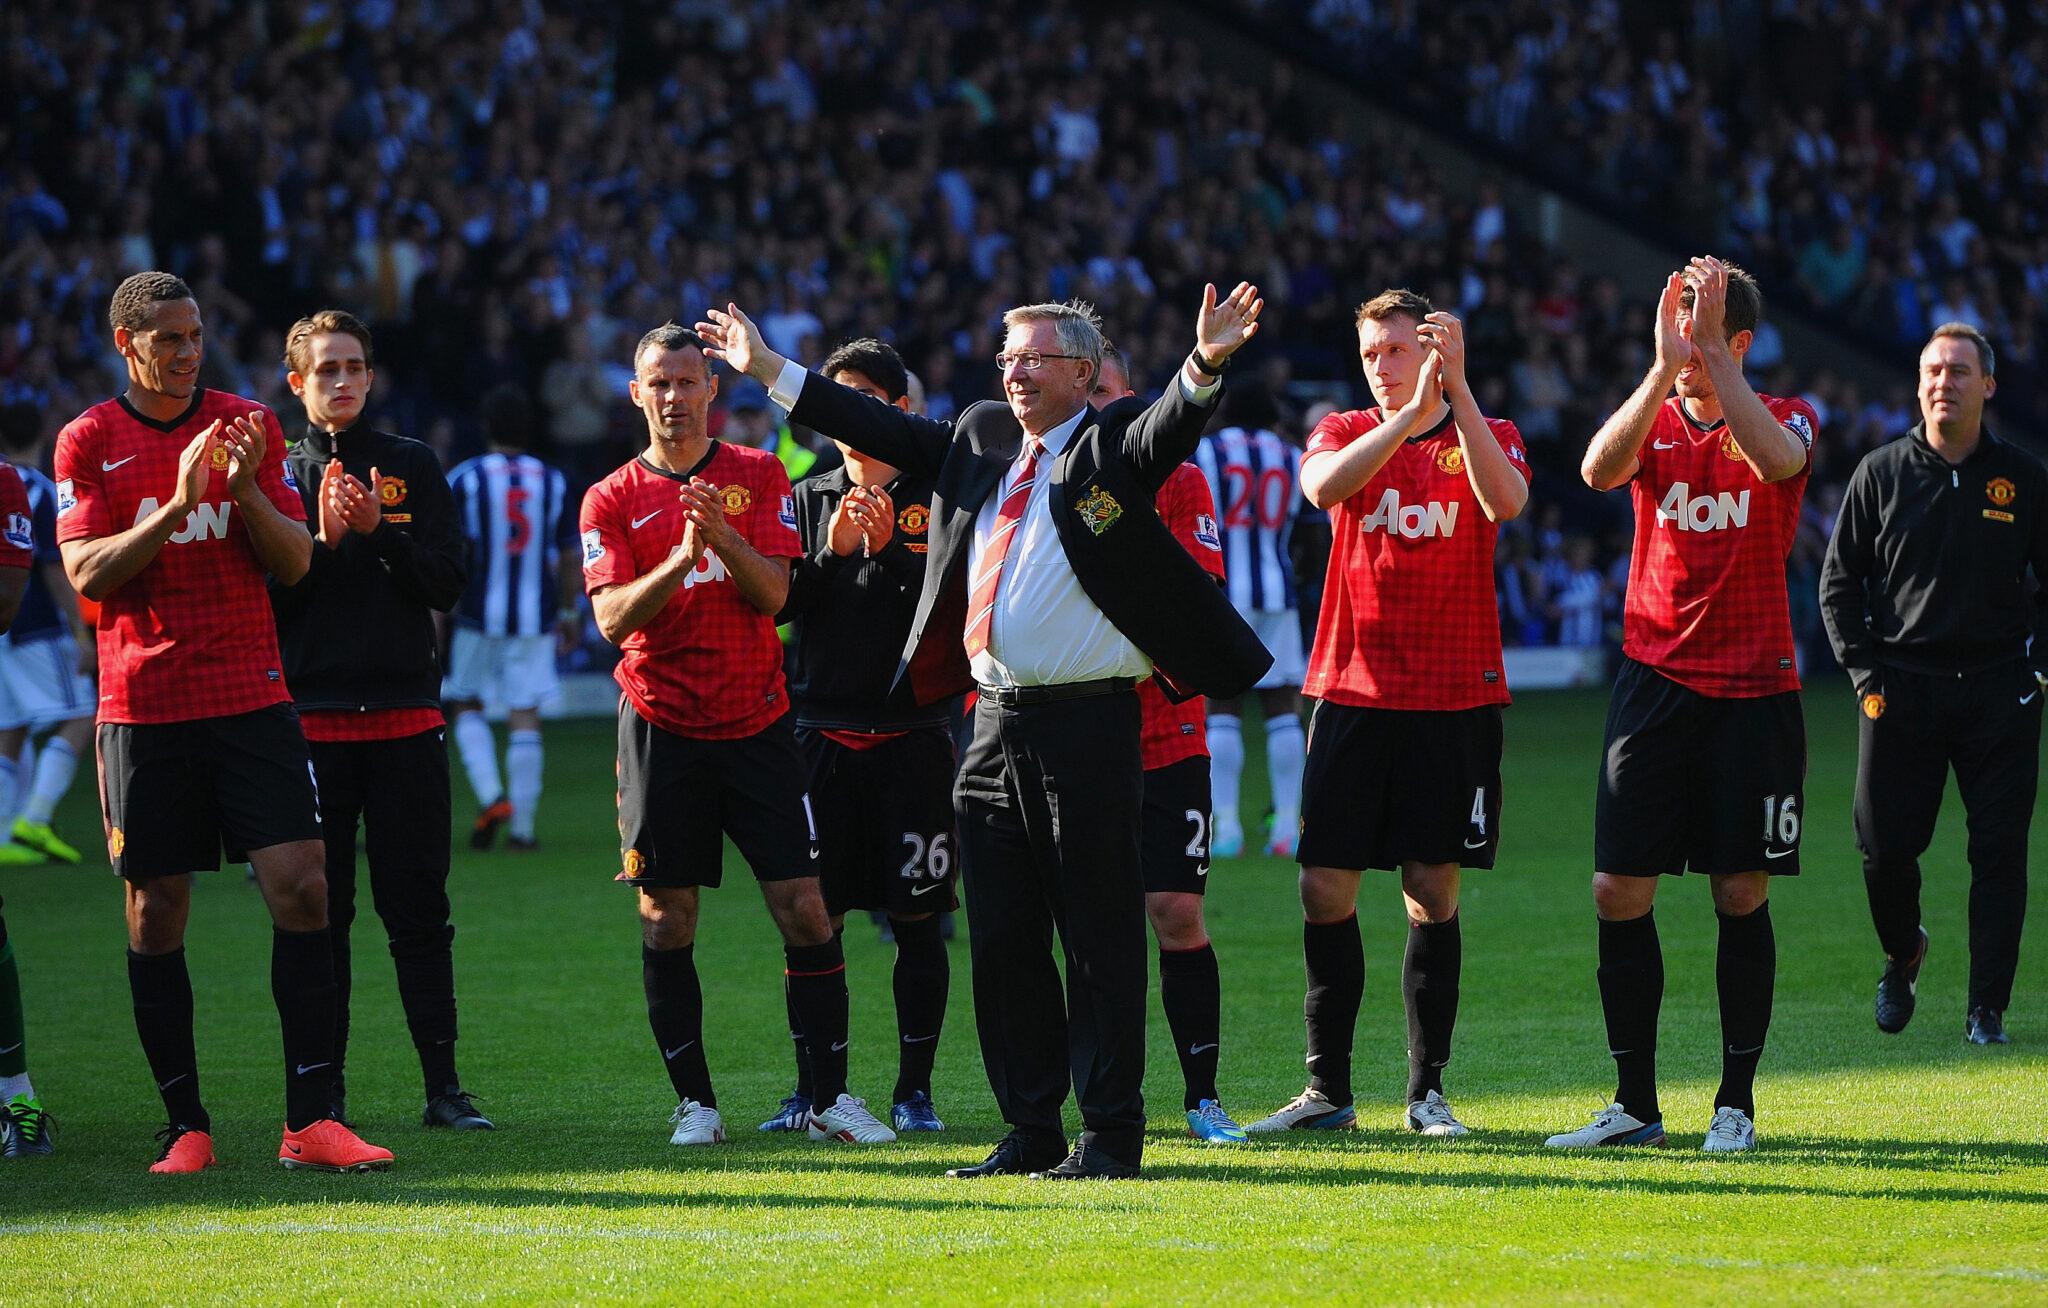 Addio Sir Alex Ferguson - Foto Michael Regan Getty Images OneFootball